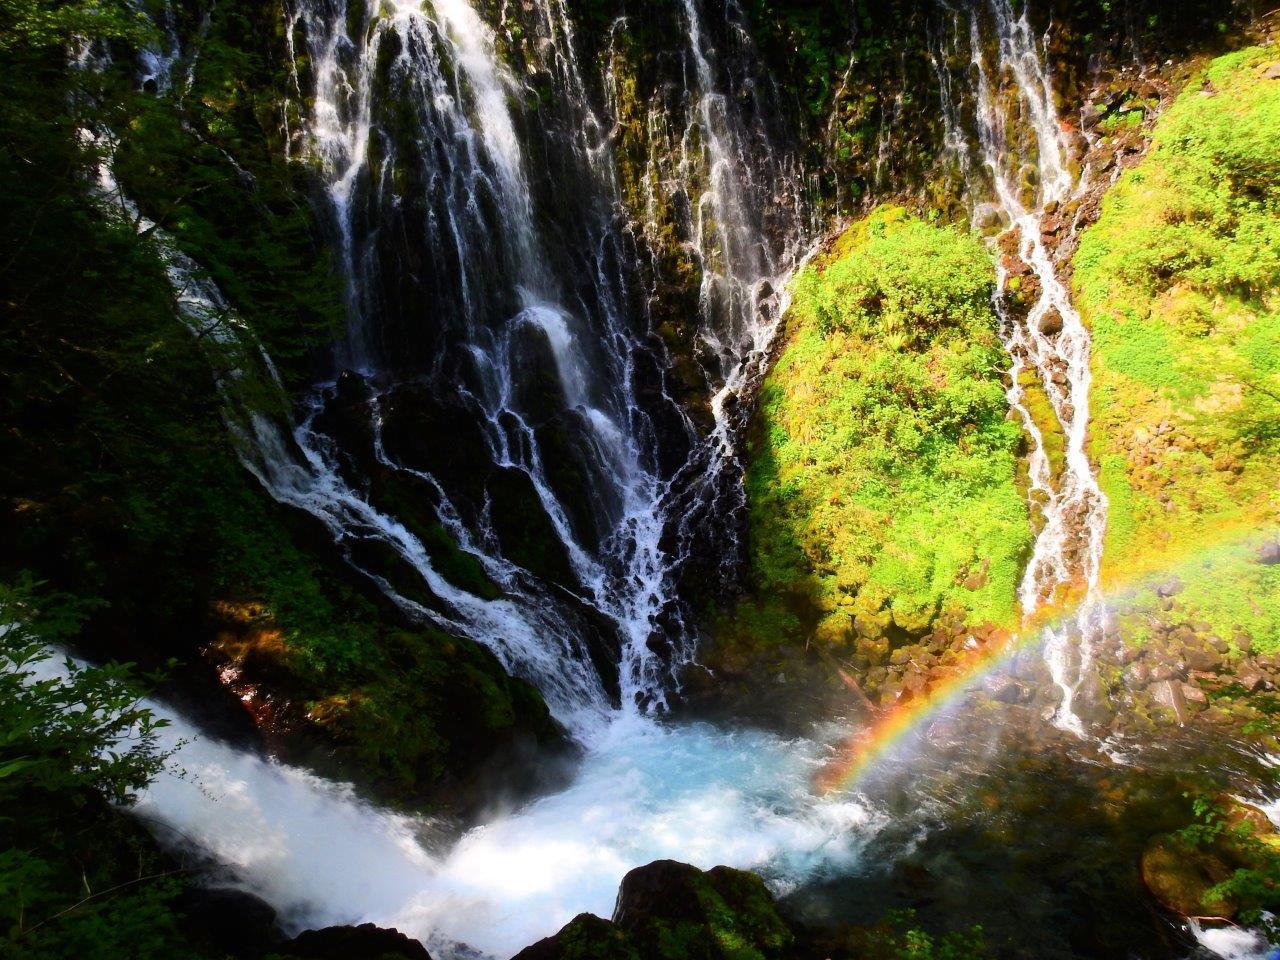 布引滝と美しい苔と虹